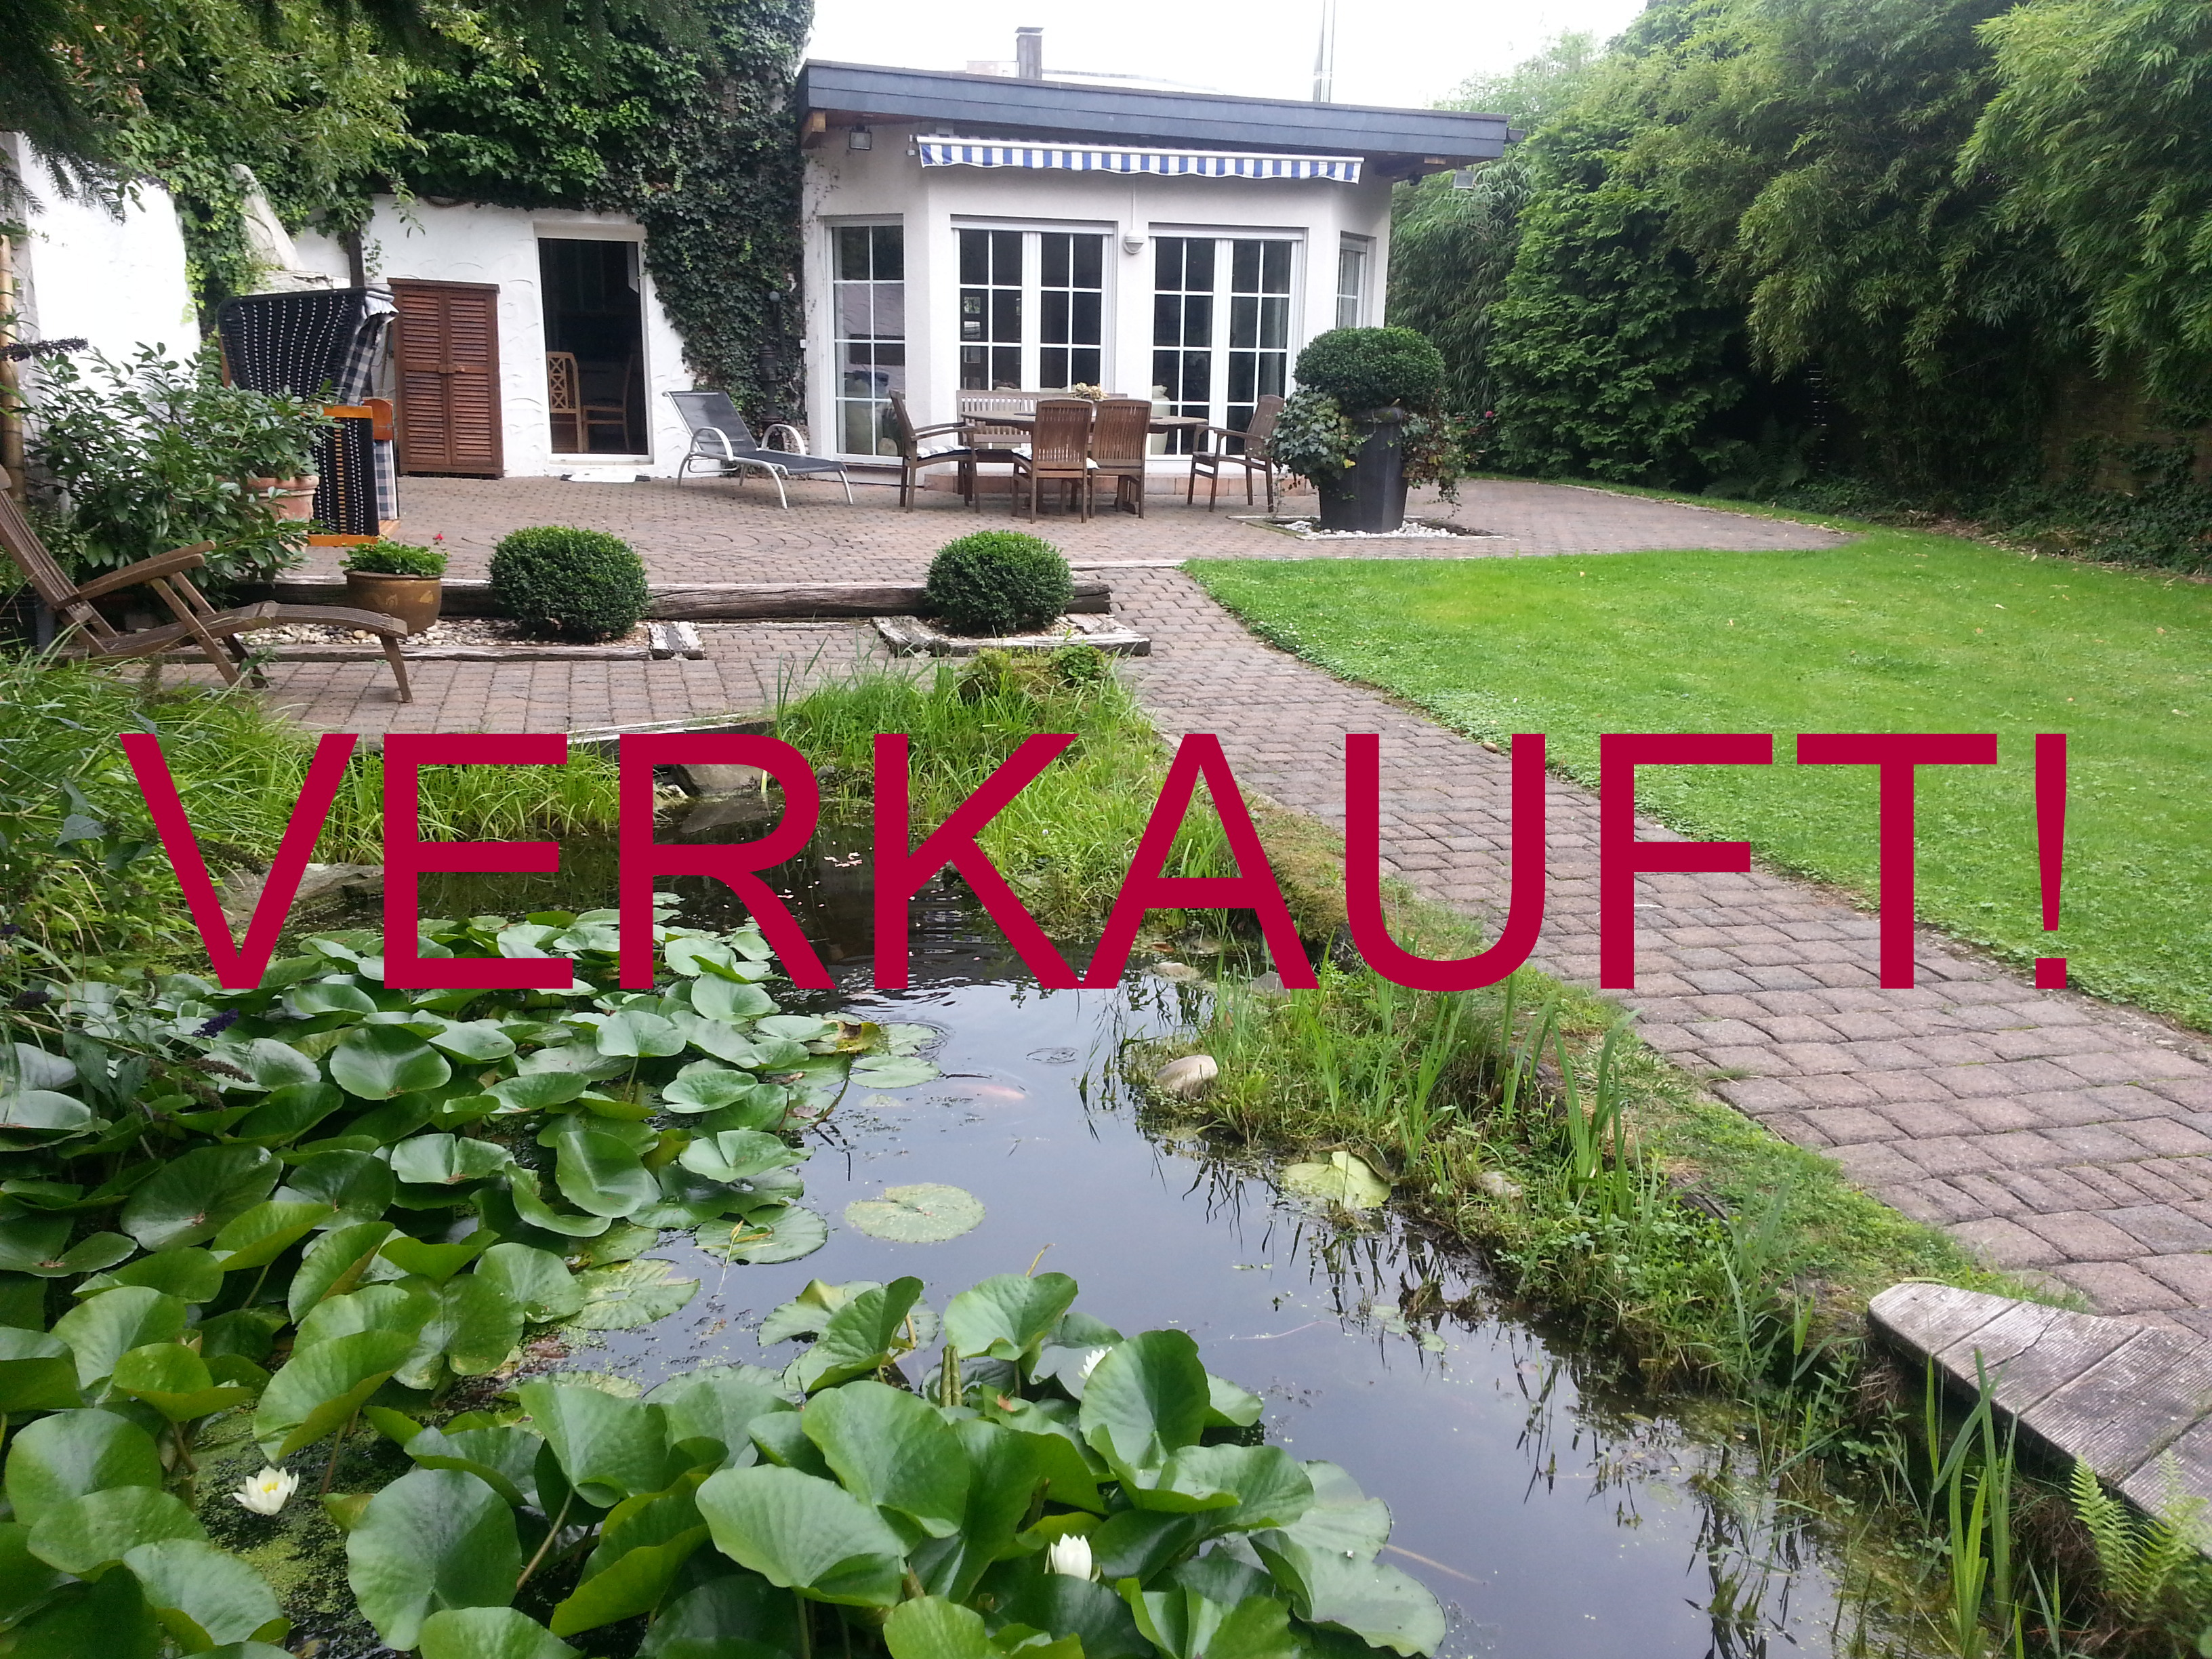 VERKAUFT!!! Ein-Zweifamilienhaus mit wunderschönem, parkähnlichem Gartengrundstück und Garage in Stockum